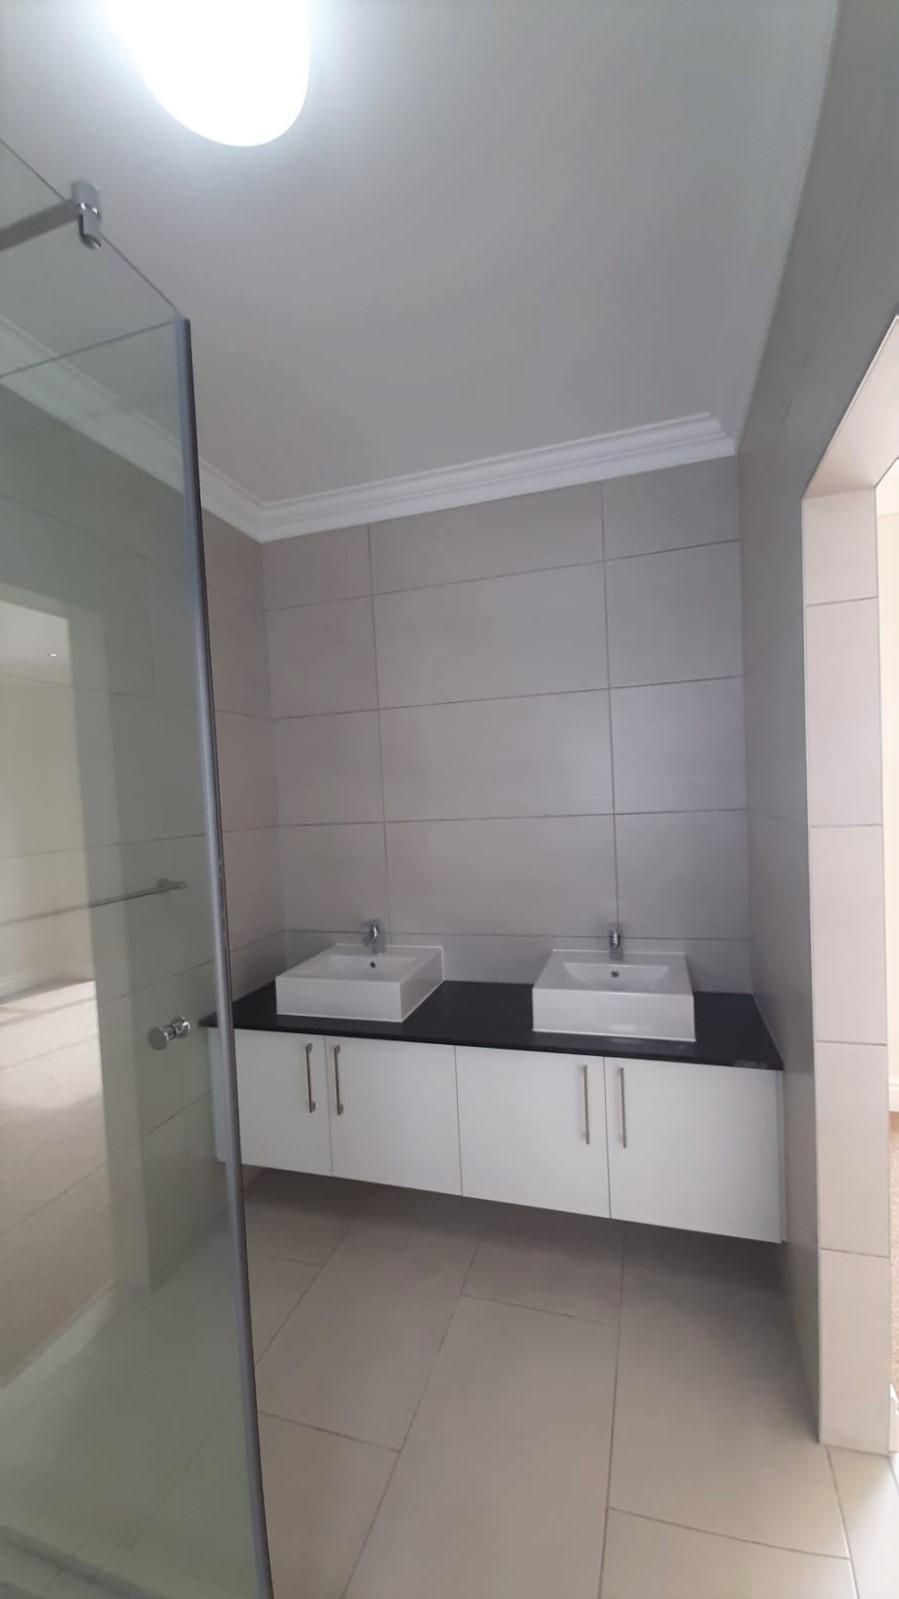 Kwali Mark Construction, Sonkring, Brackenfell, Residential, New House